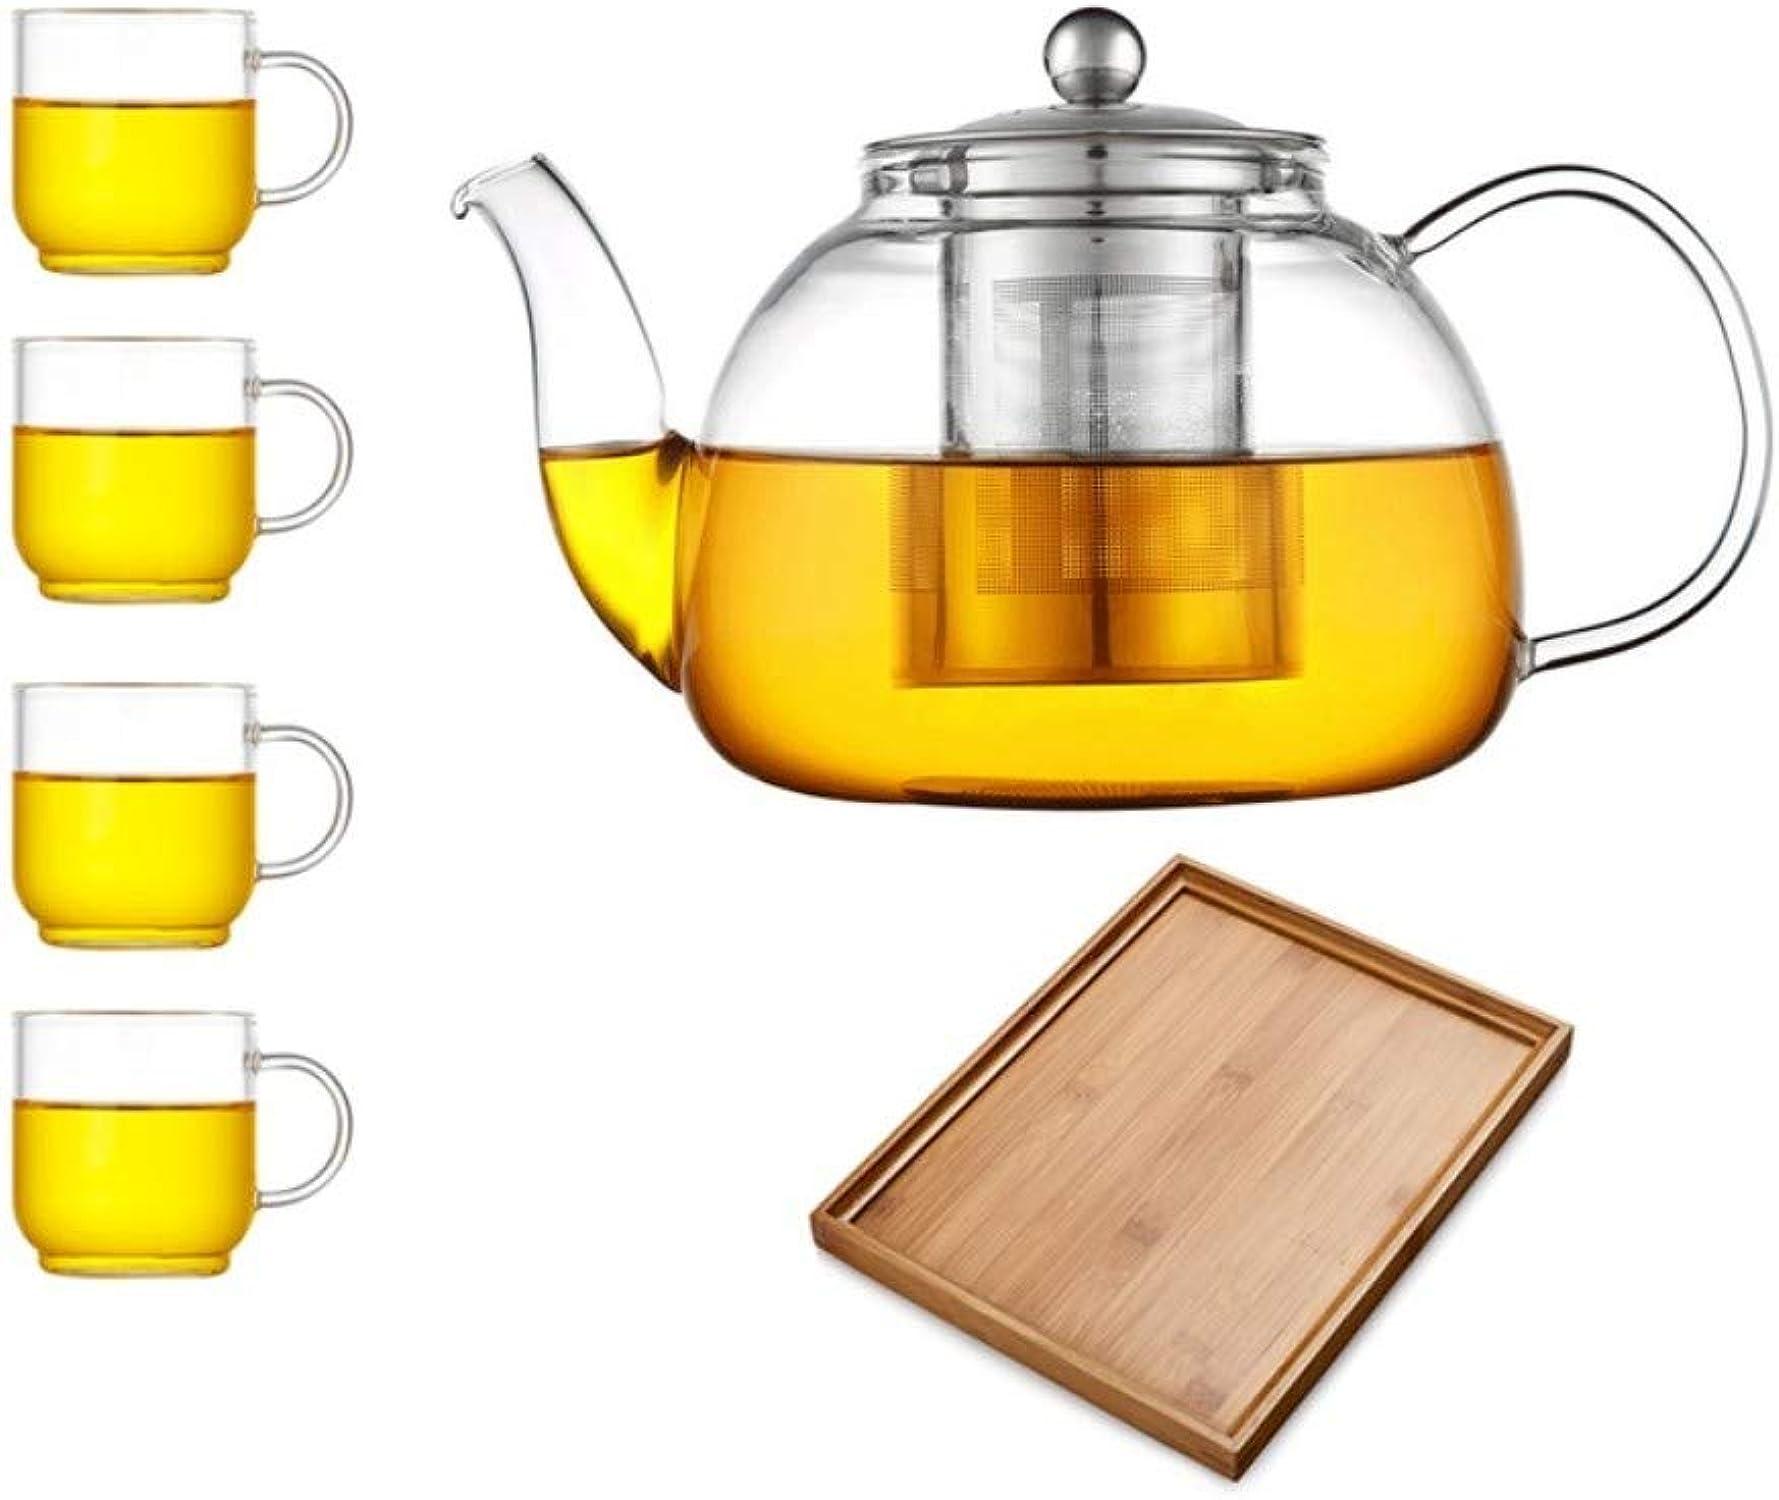 SGXDM Théière en Verre Unique Pot Maison résistant à la Chaleur Grande capacité Filtre Kung fu thé Ensemble Bouilli thé Fleur Ensemble de thé, e